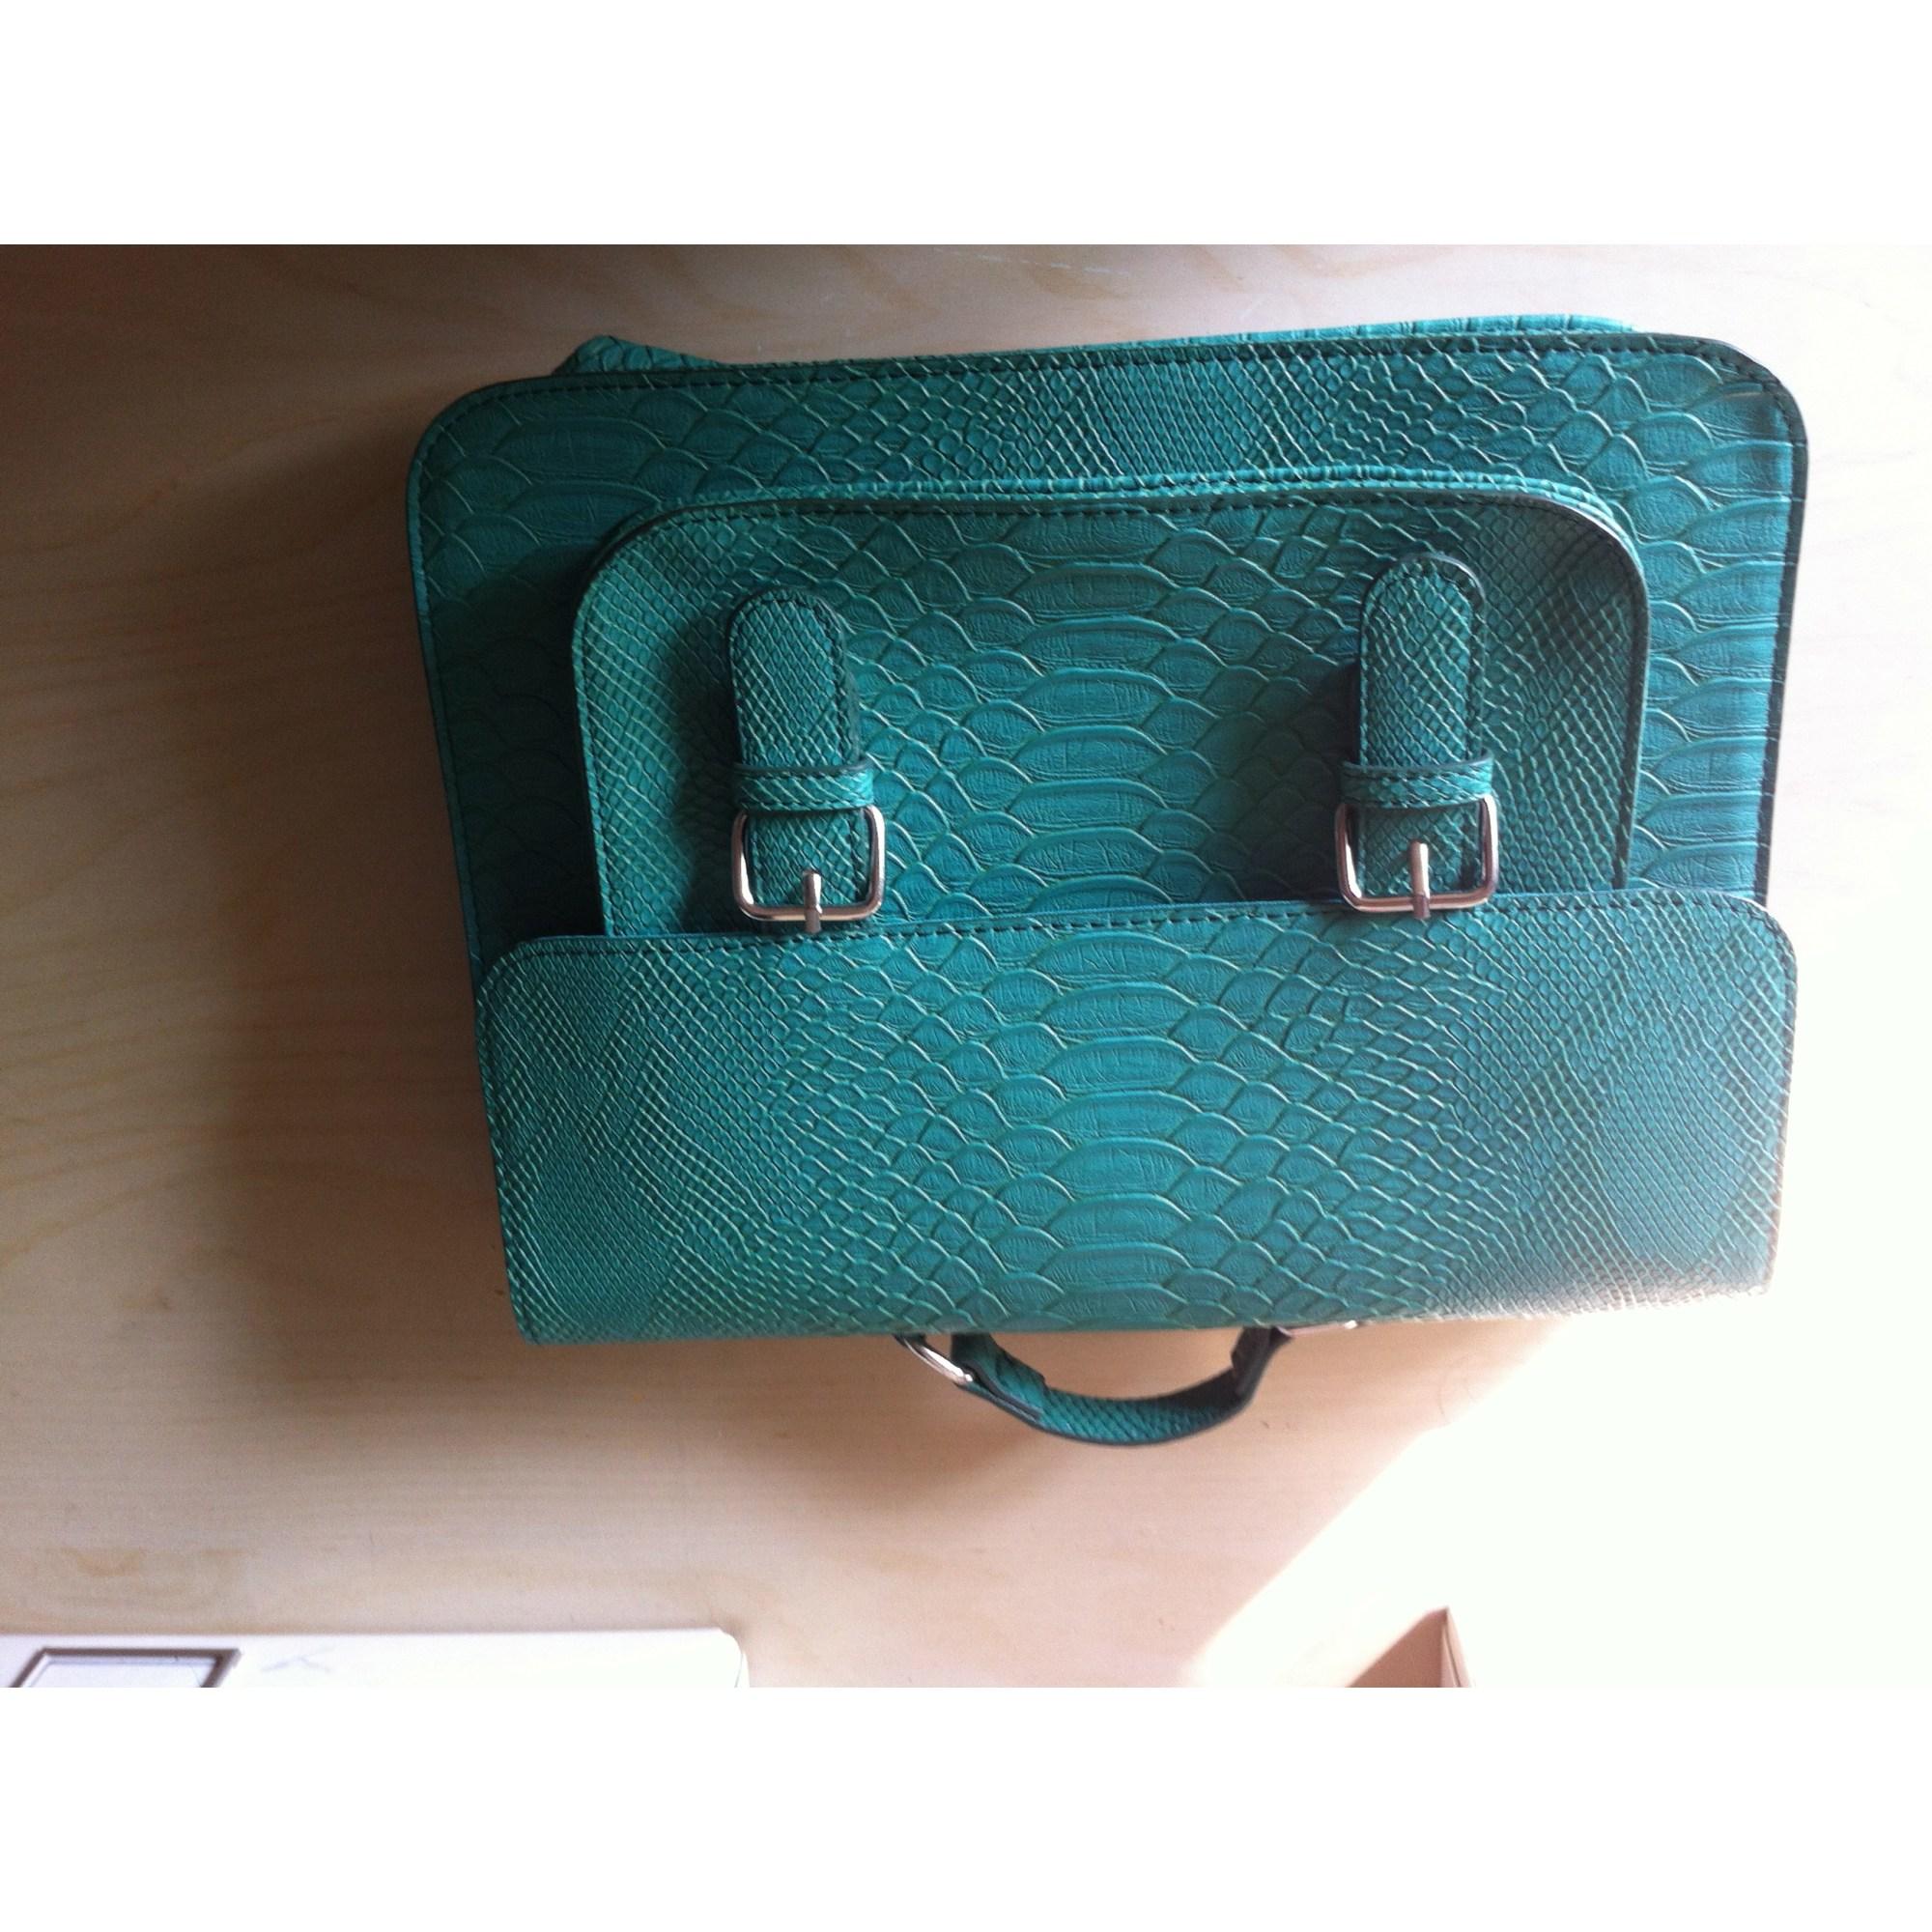 d2691f70f336 Sac en bandoulière en cuir MONOPRIX vert vendu par De villeneuve ...